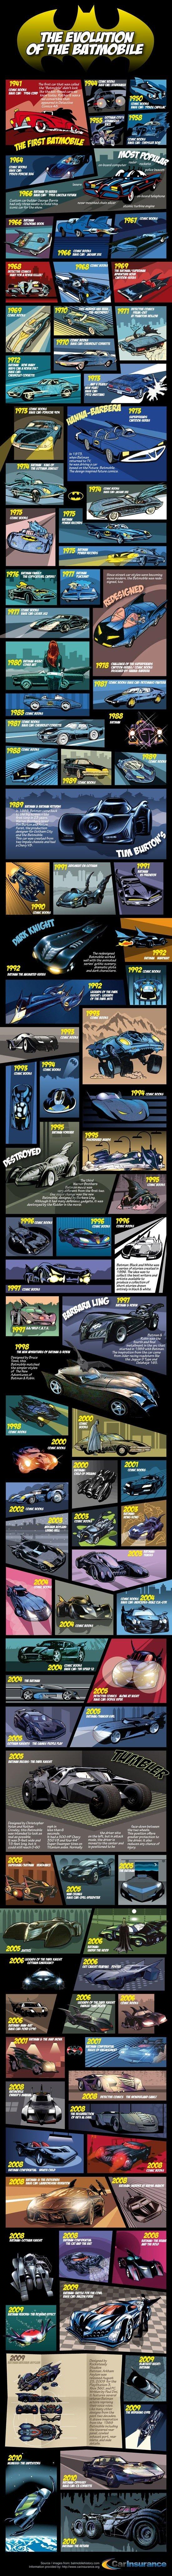 L'évolution des voitures de Batman #2